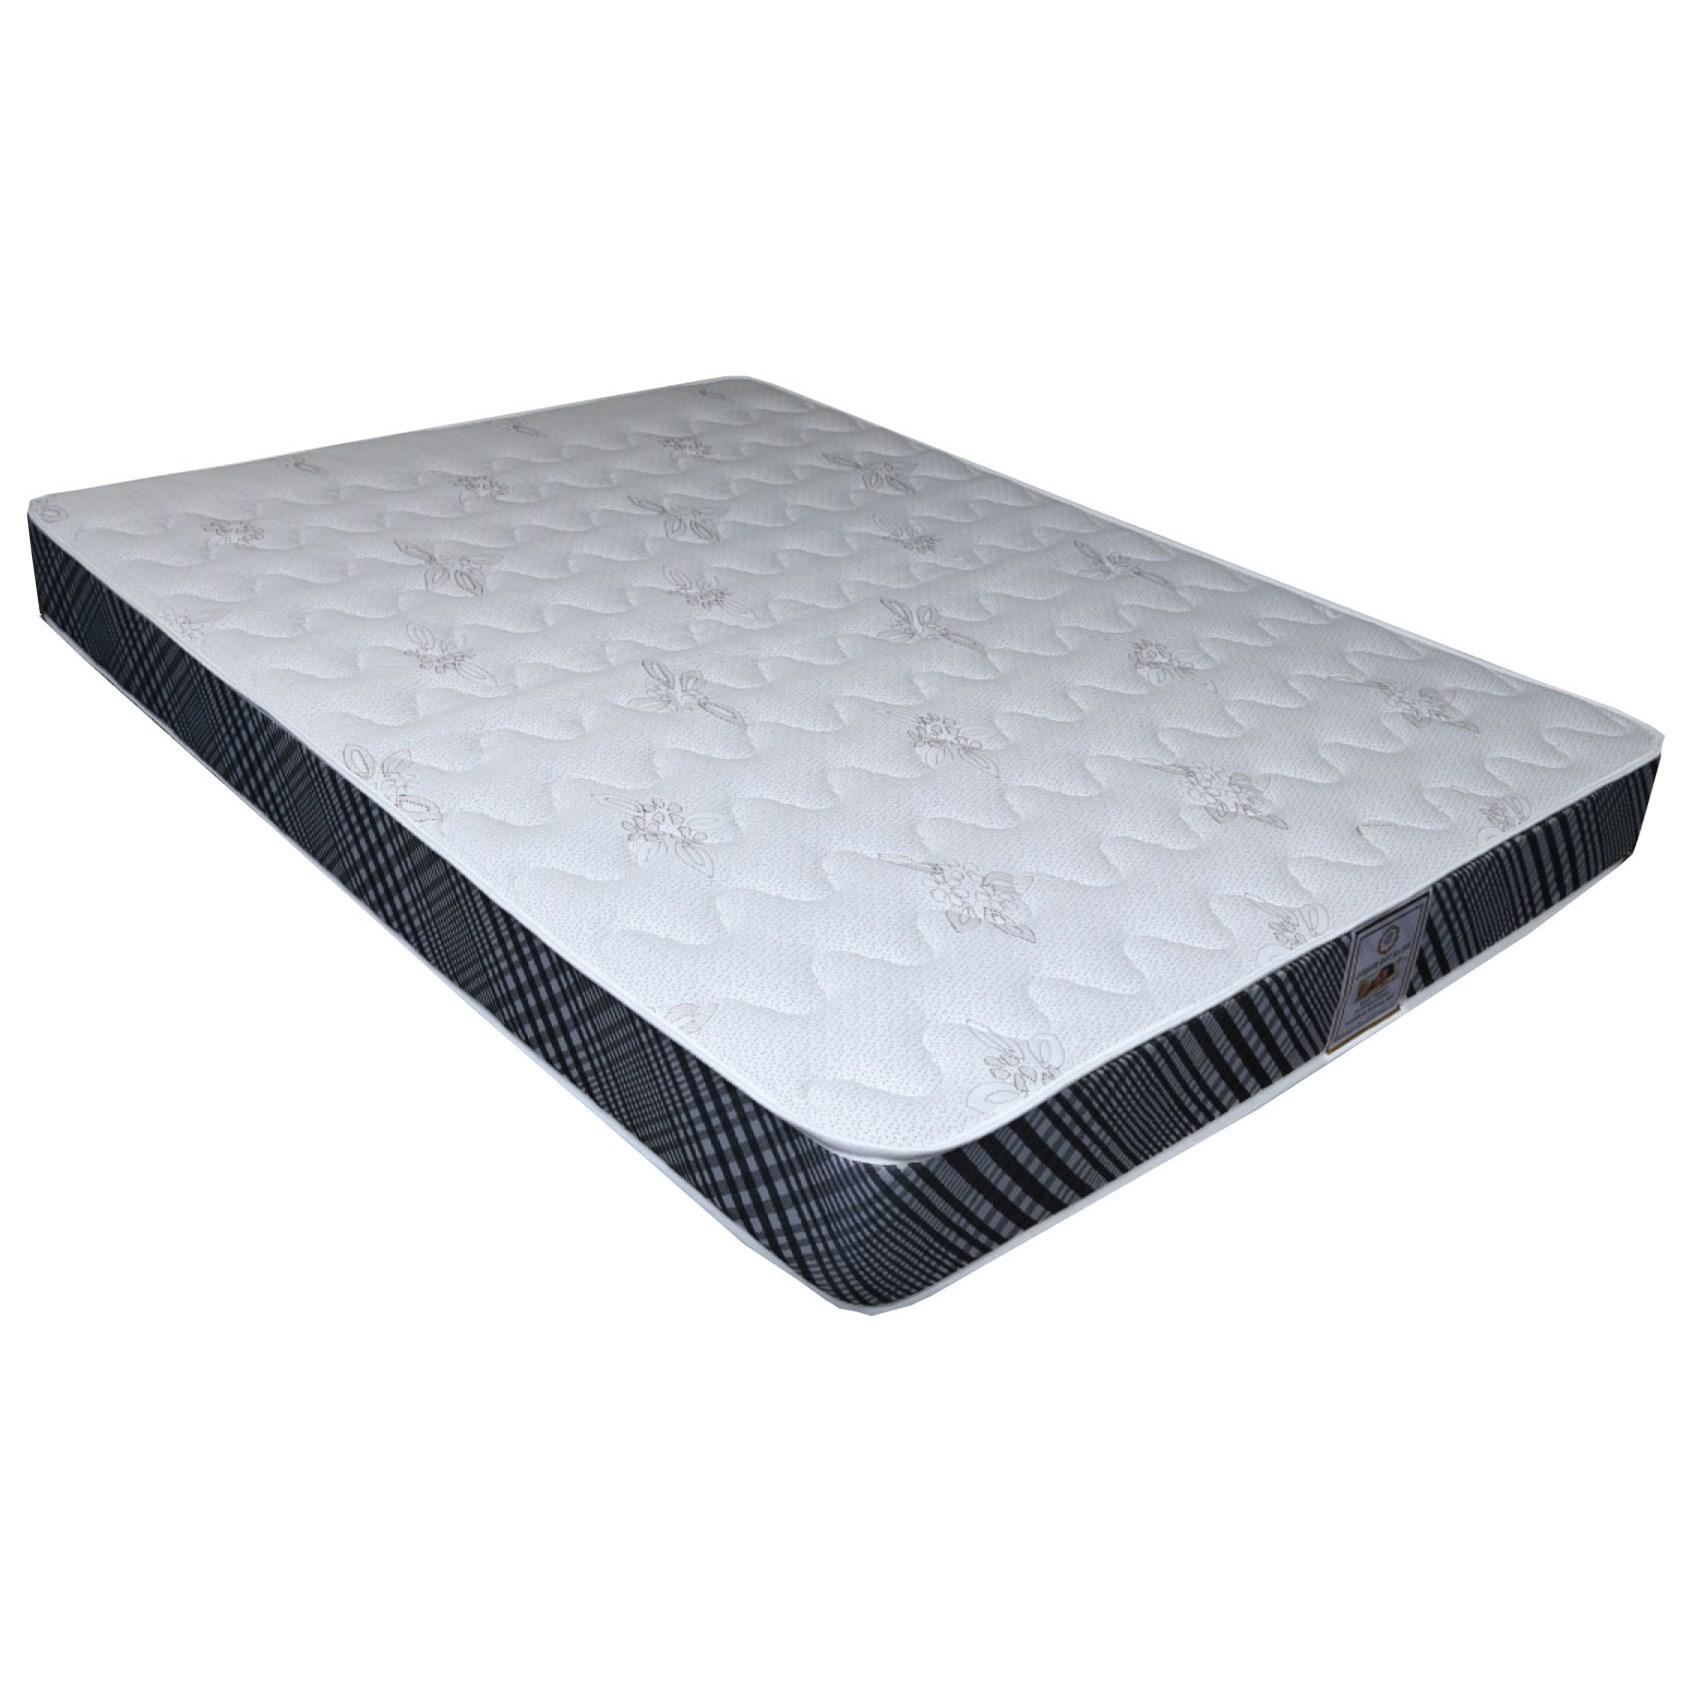 Exclusive Embassy Sleep Twin Memory Foam Mattress Bennett S Furniture And Mattresses Mattresses